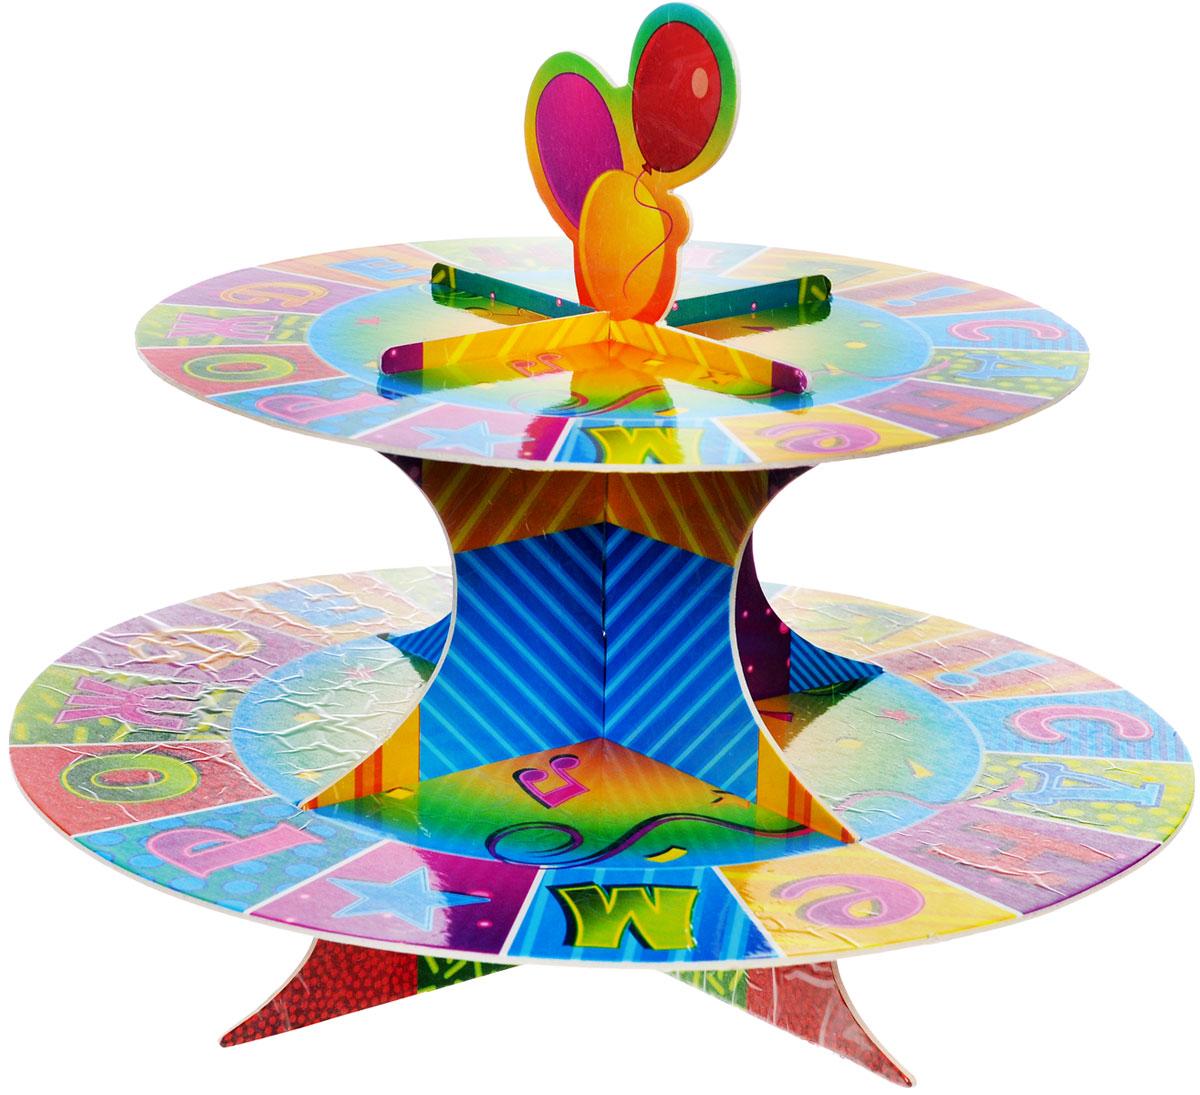 """Стойка для кексов Веселая затея """"С днем рождения: Мозаика"""" - это удобная, изящная подставка для праздничного угощения. Стойка украшена красочным мозаичным изображением с надписью """"С днем рождения!"""". Она легко собирается, не требует склеивания. Для экономии места упакована в разобранном виде в пакете. Двухъярусная стойка позволяет осуществить красивую выкладку кексов. Стойка для кексов Веселая затея """"С днем рождения: Мозаика"""" станет настоящим украшением праздничного стола! Высота стойки в собранном виде - 21 см, диаметр нижнего яруса - 25,5 см, диаметр верхнего яруса - 20 см."""